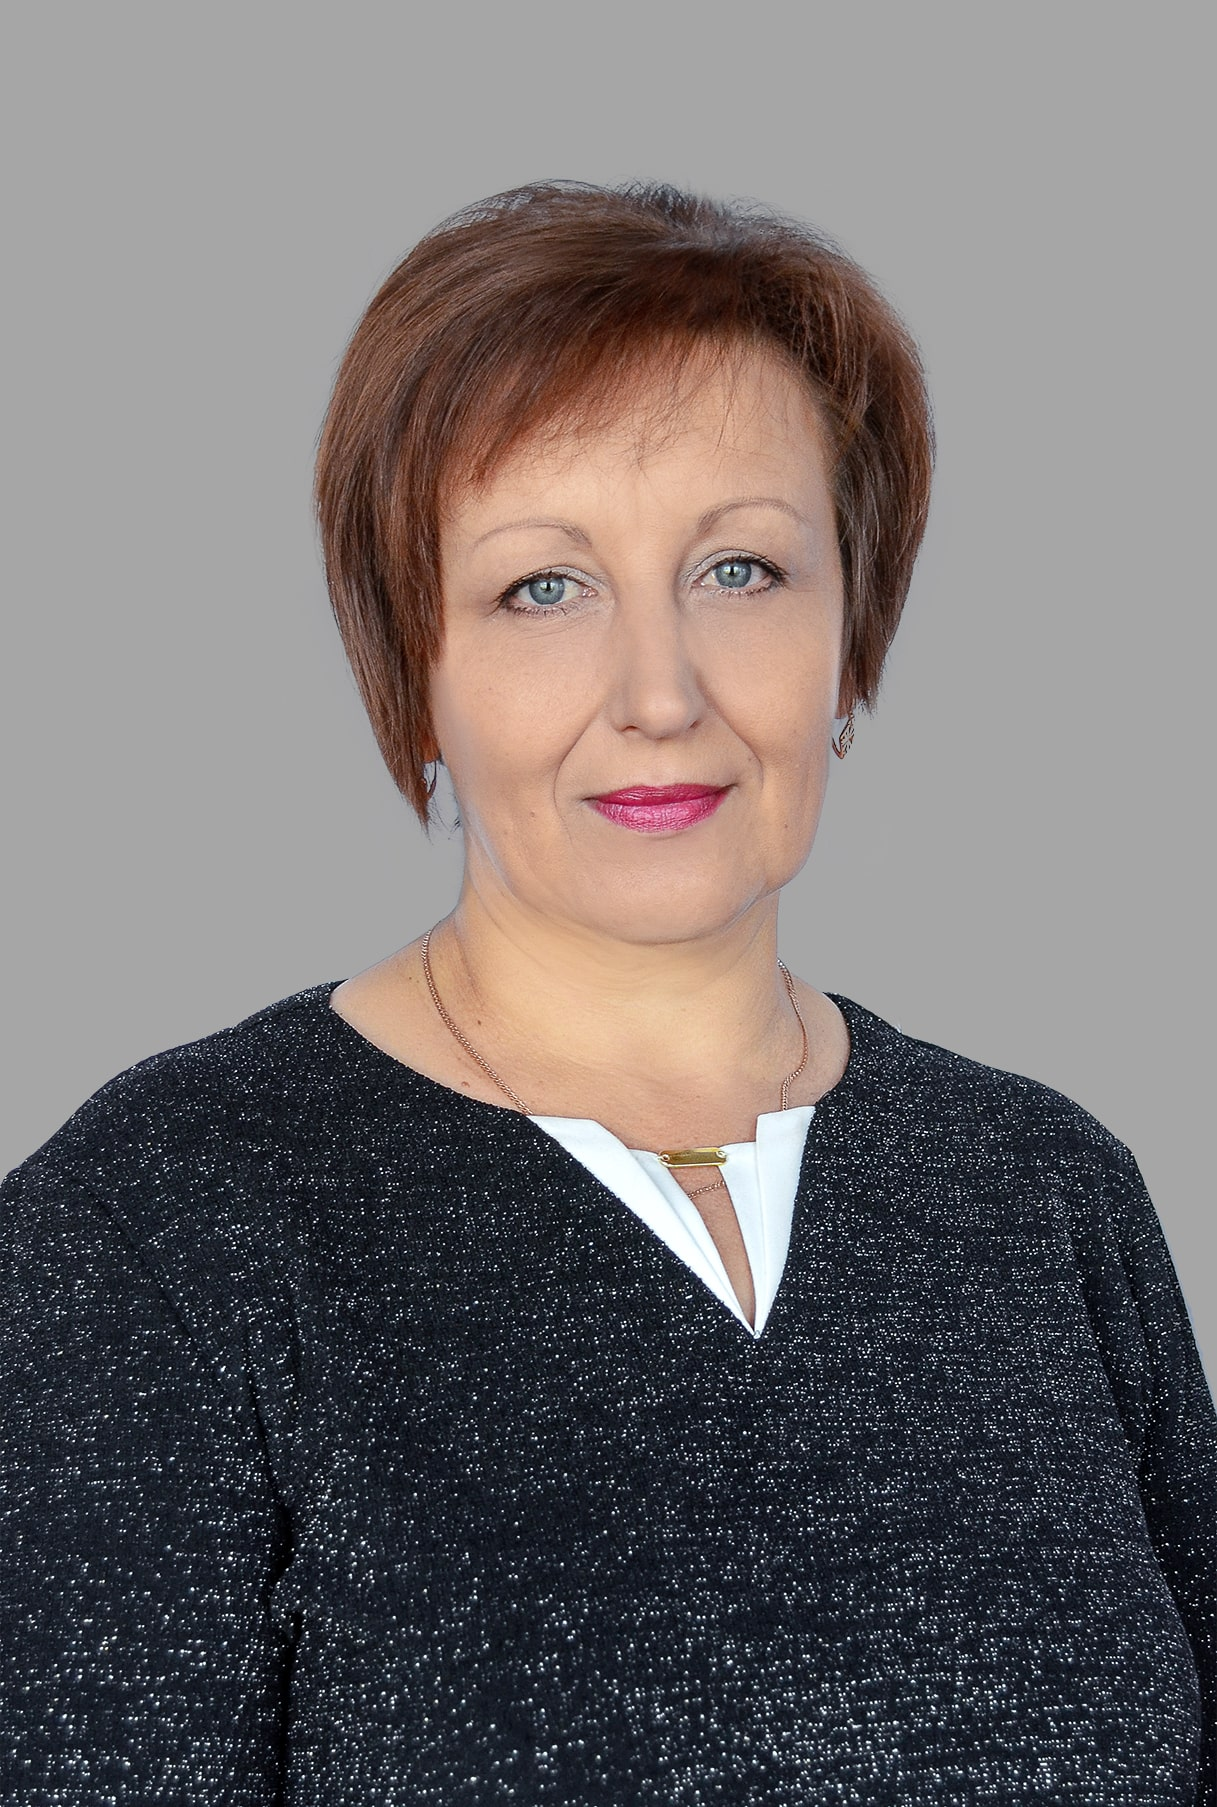 Nikolaienko